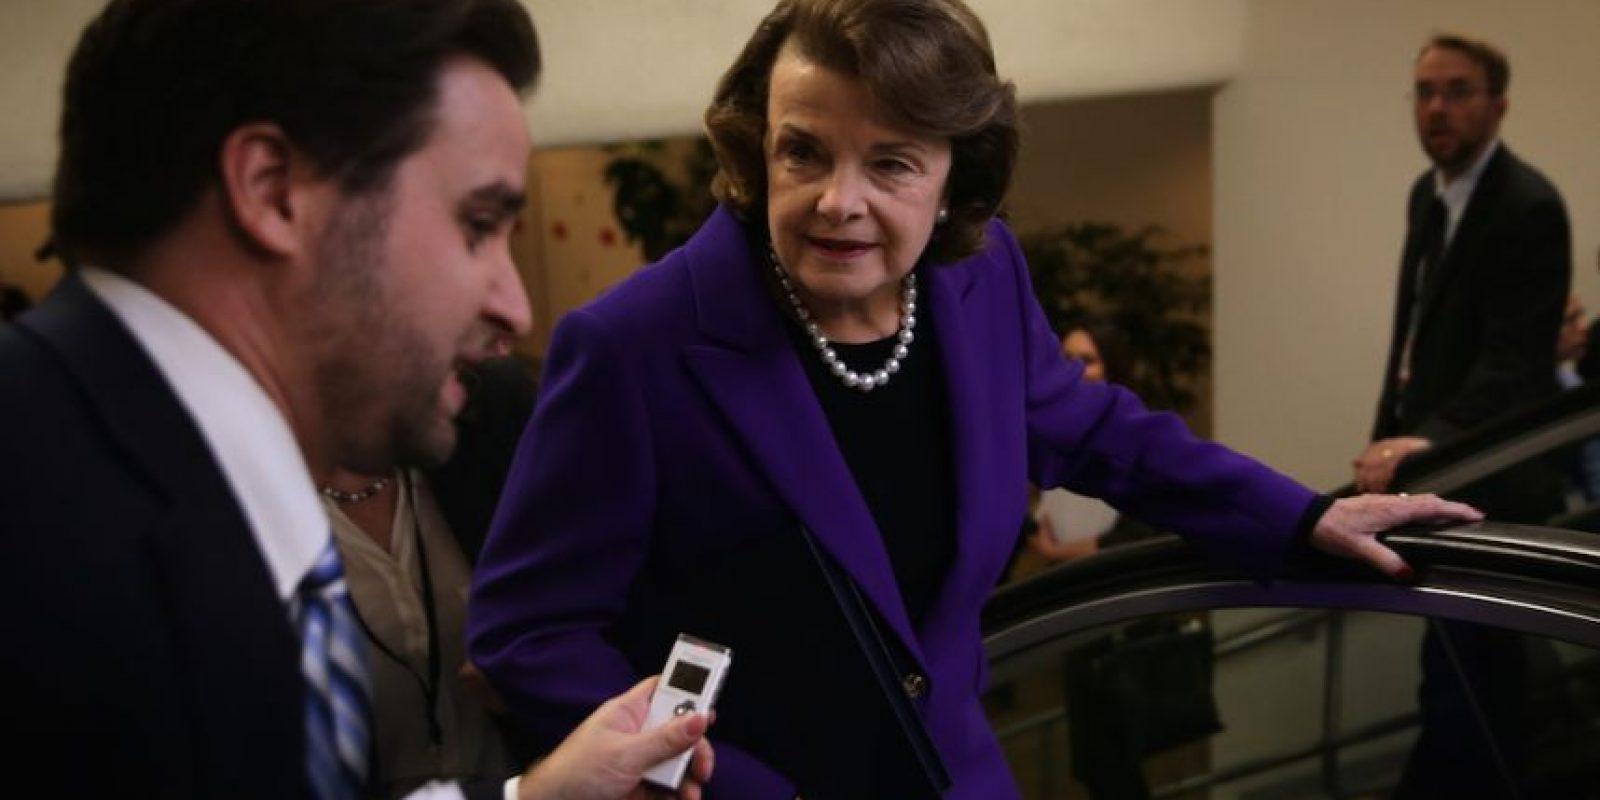 Dianne Feinstein indicó que los métodos utilizados por la CIA fueron de tortura. Foto:Getty Images